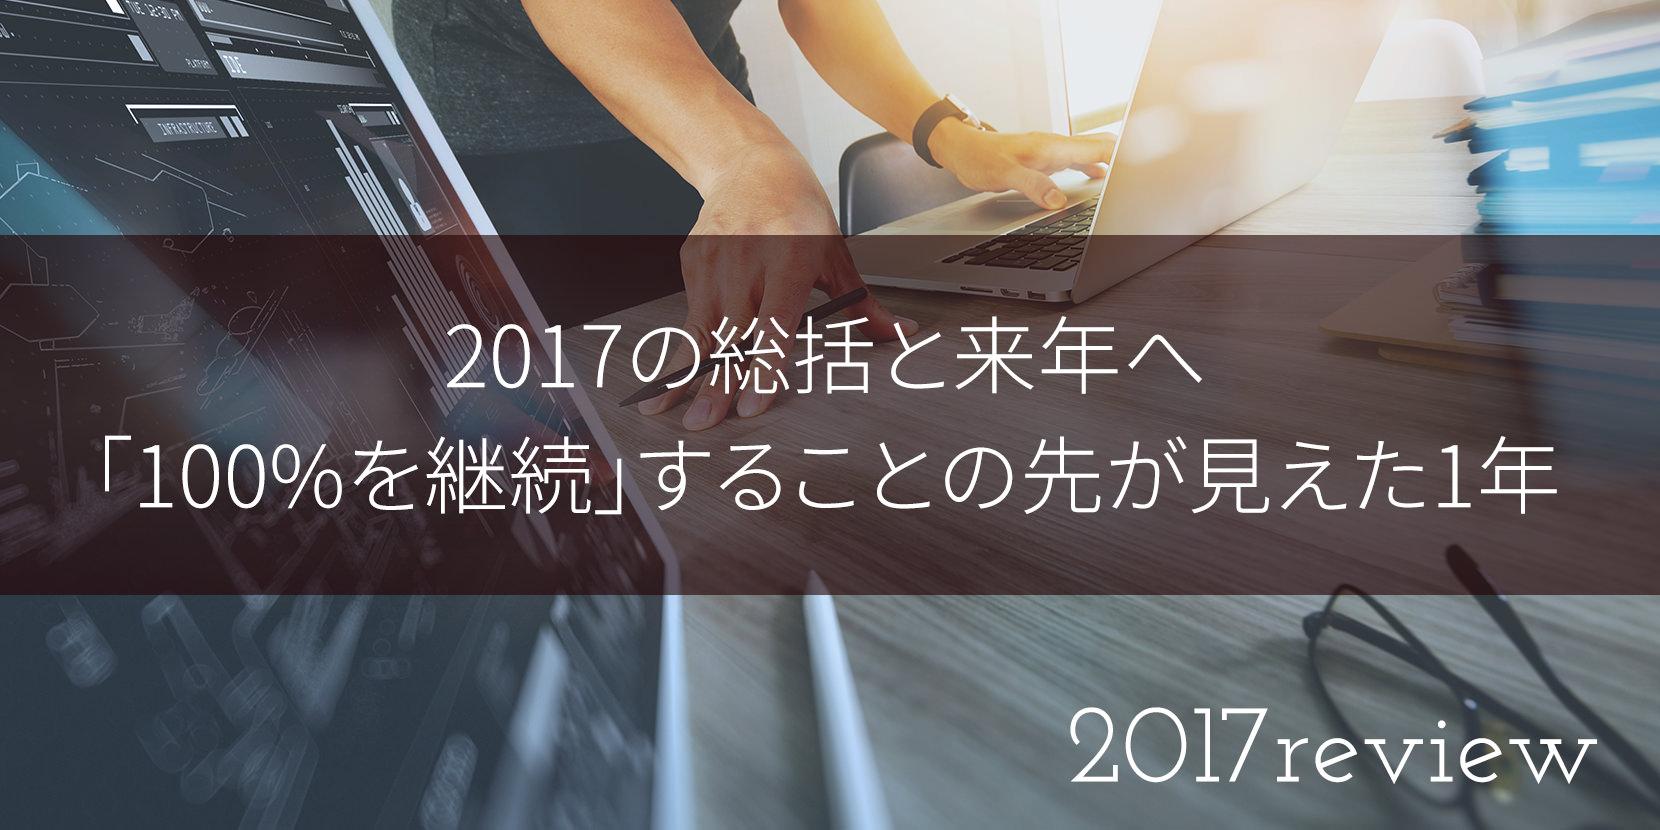 2017の総括と来年へ。「100%を継続」することの先が見えた1年